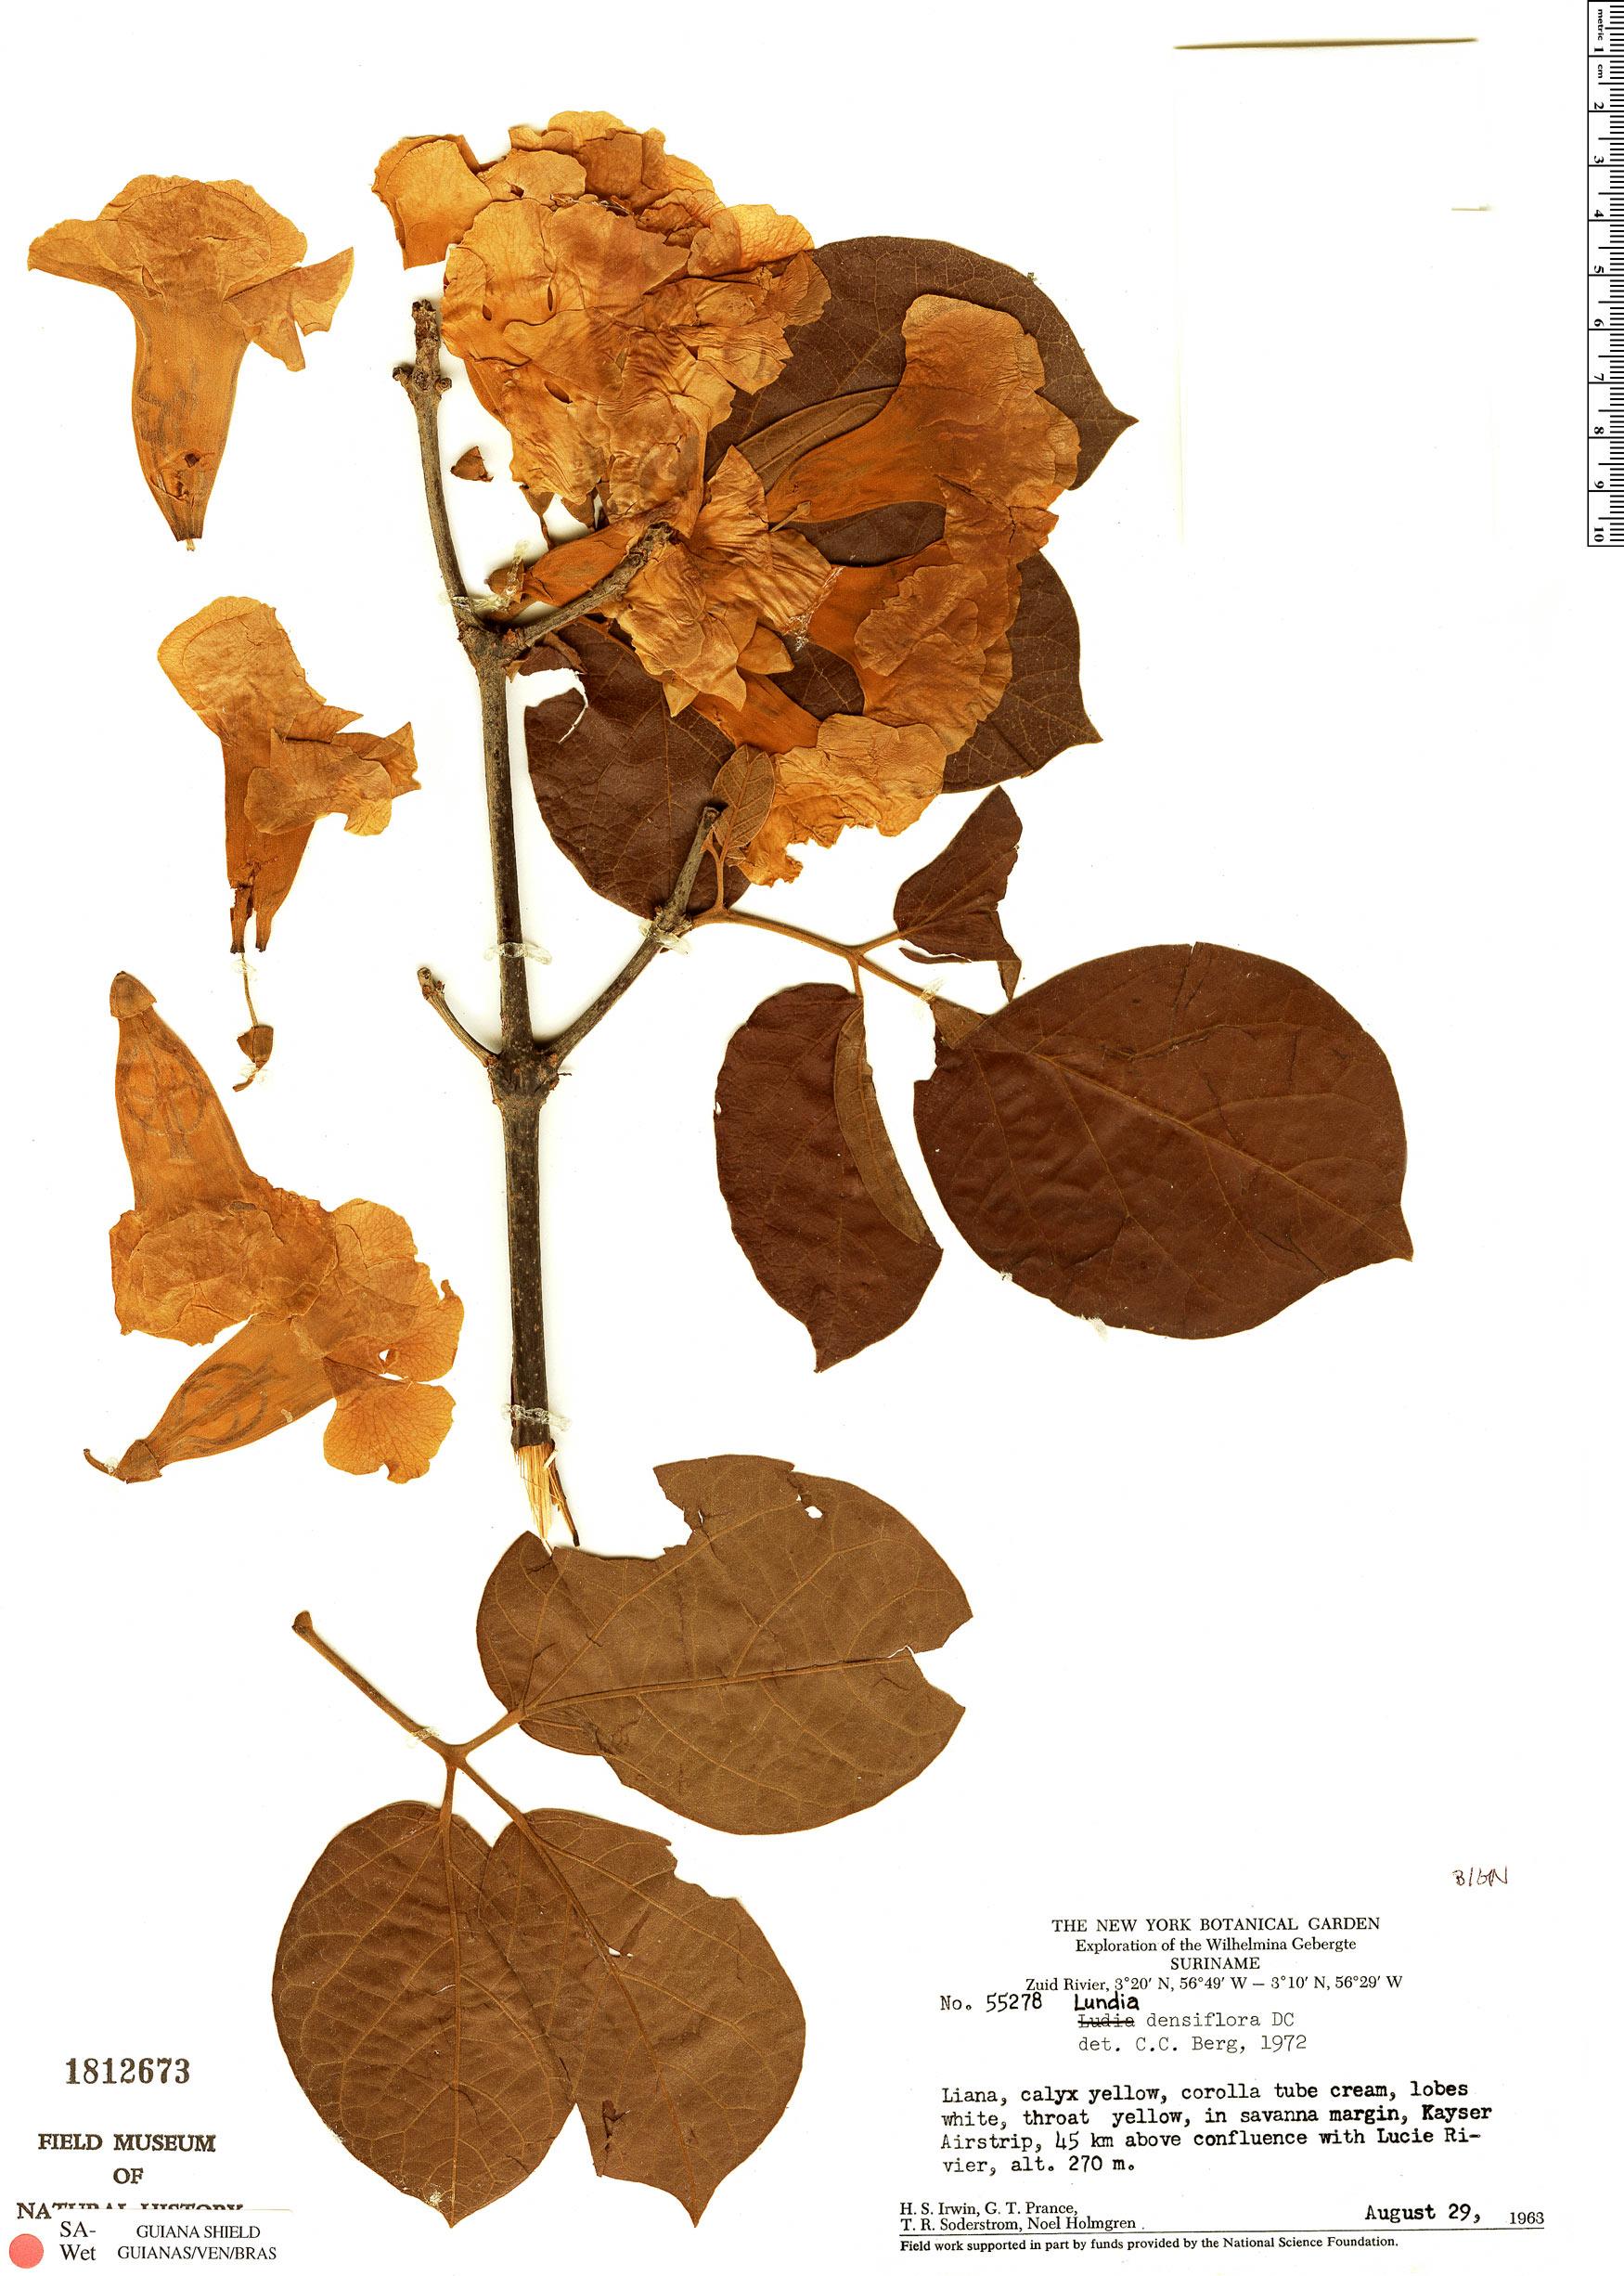 Specimen: Lundia densiflora